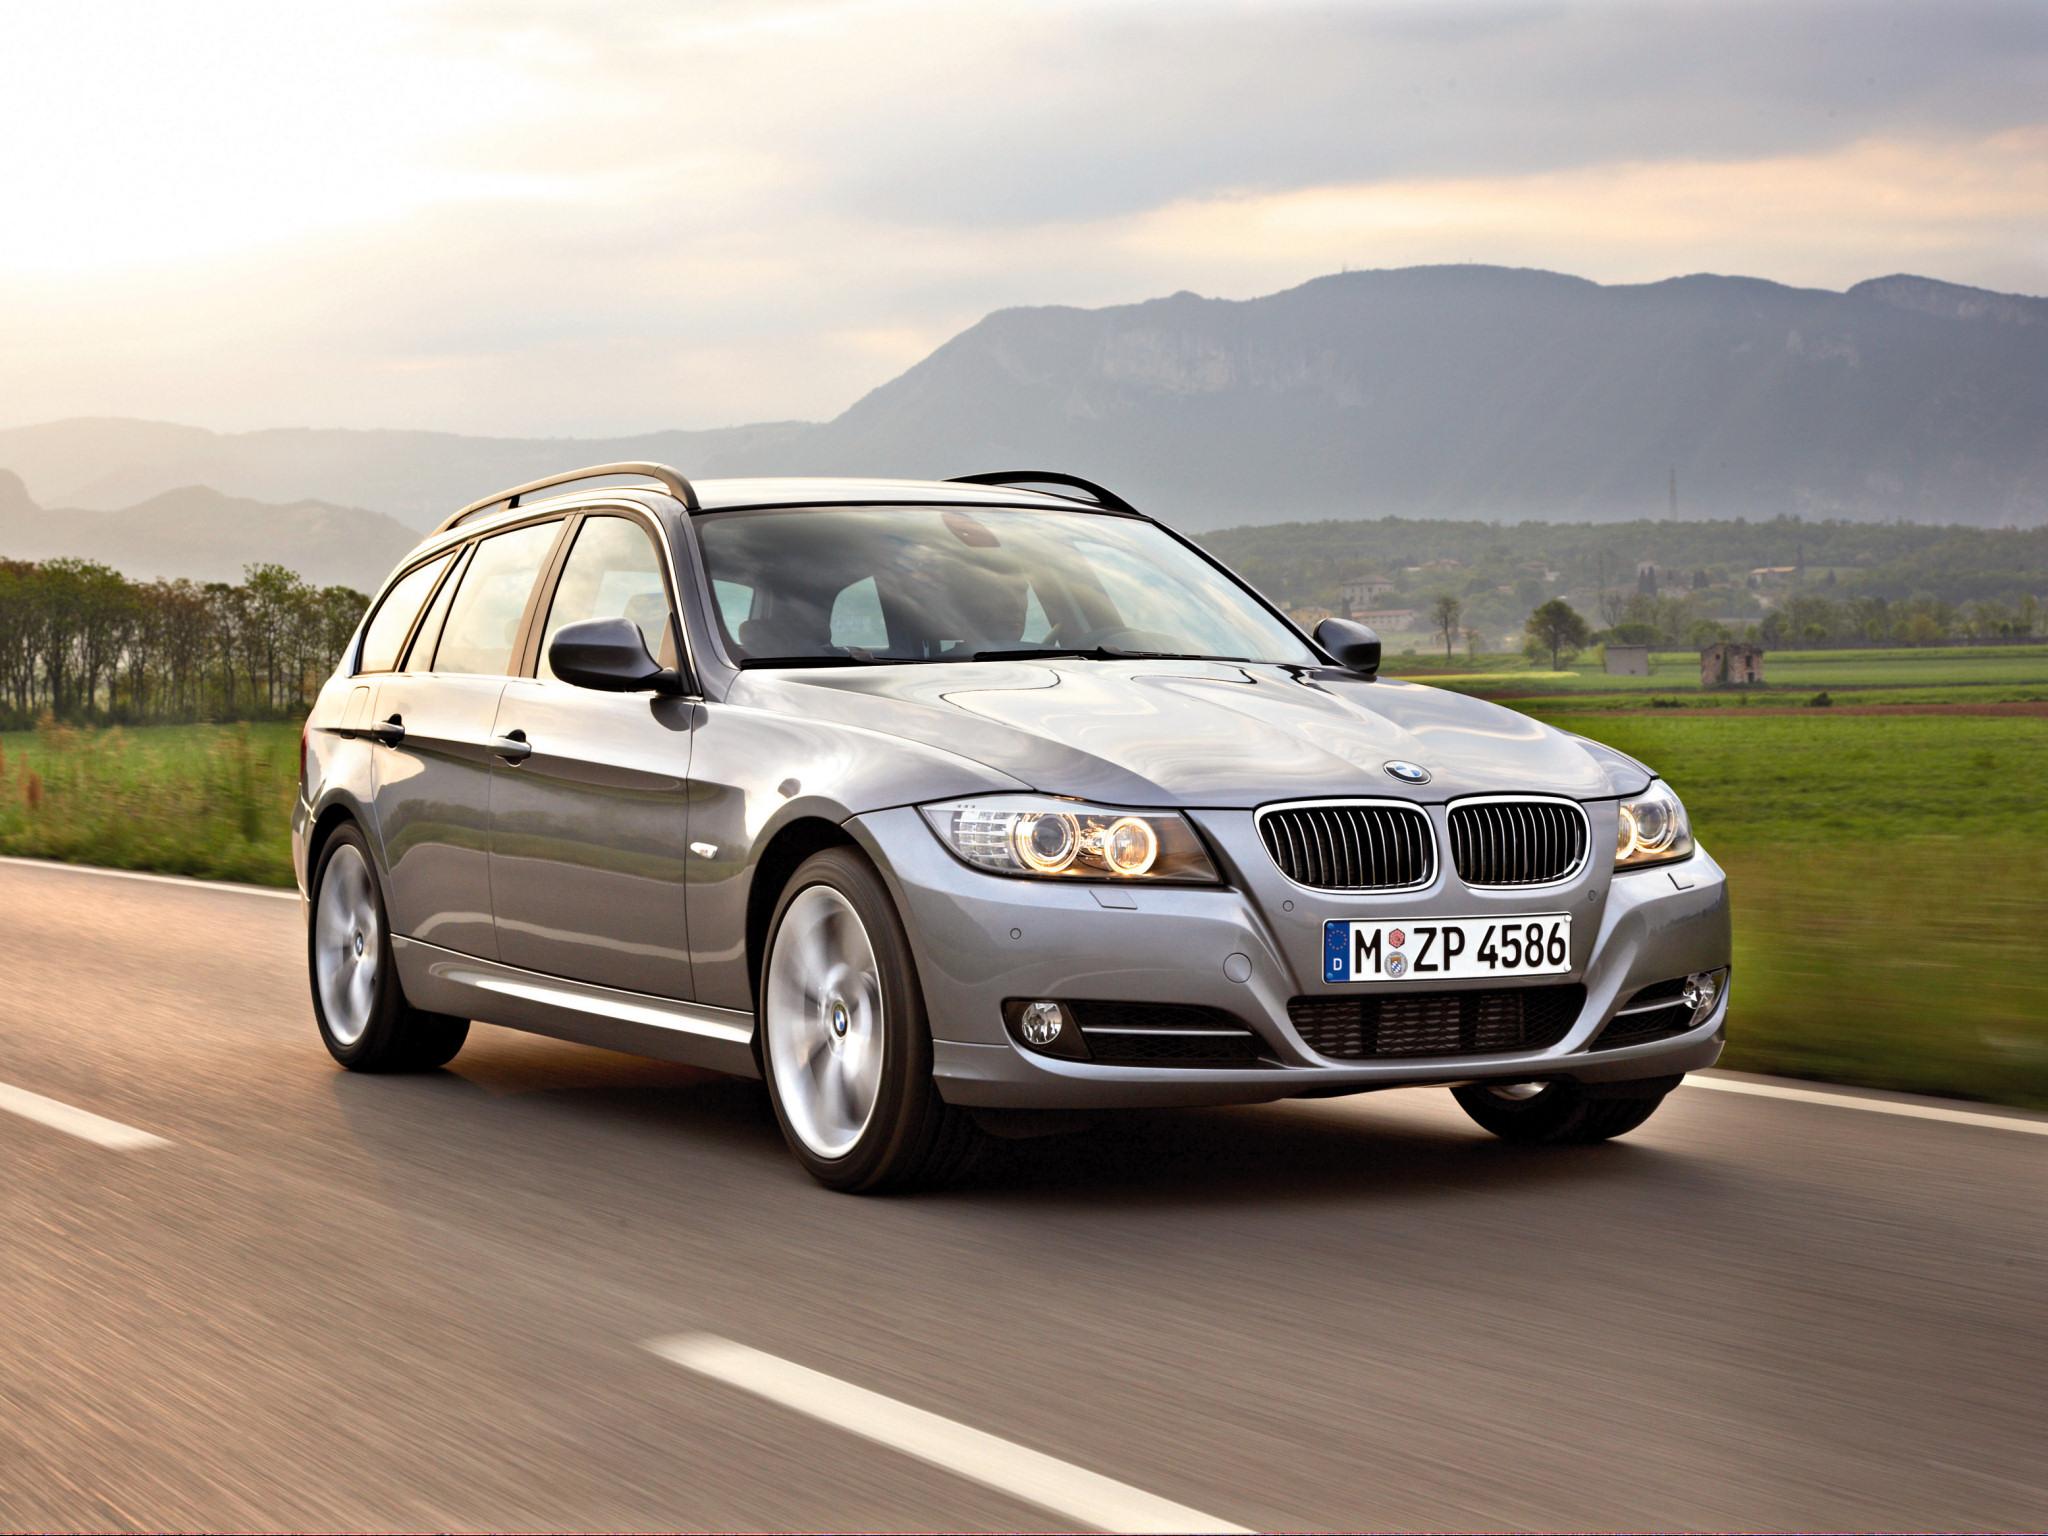 Tweedehands BMW 3 Serie kopen touring